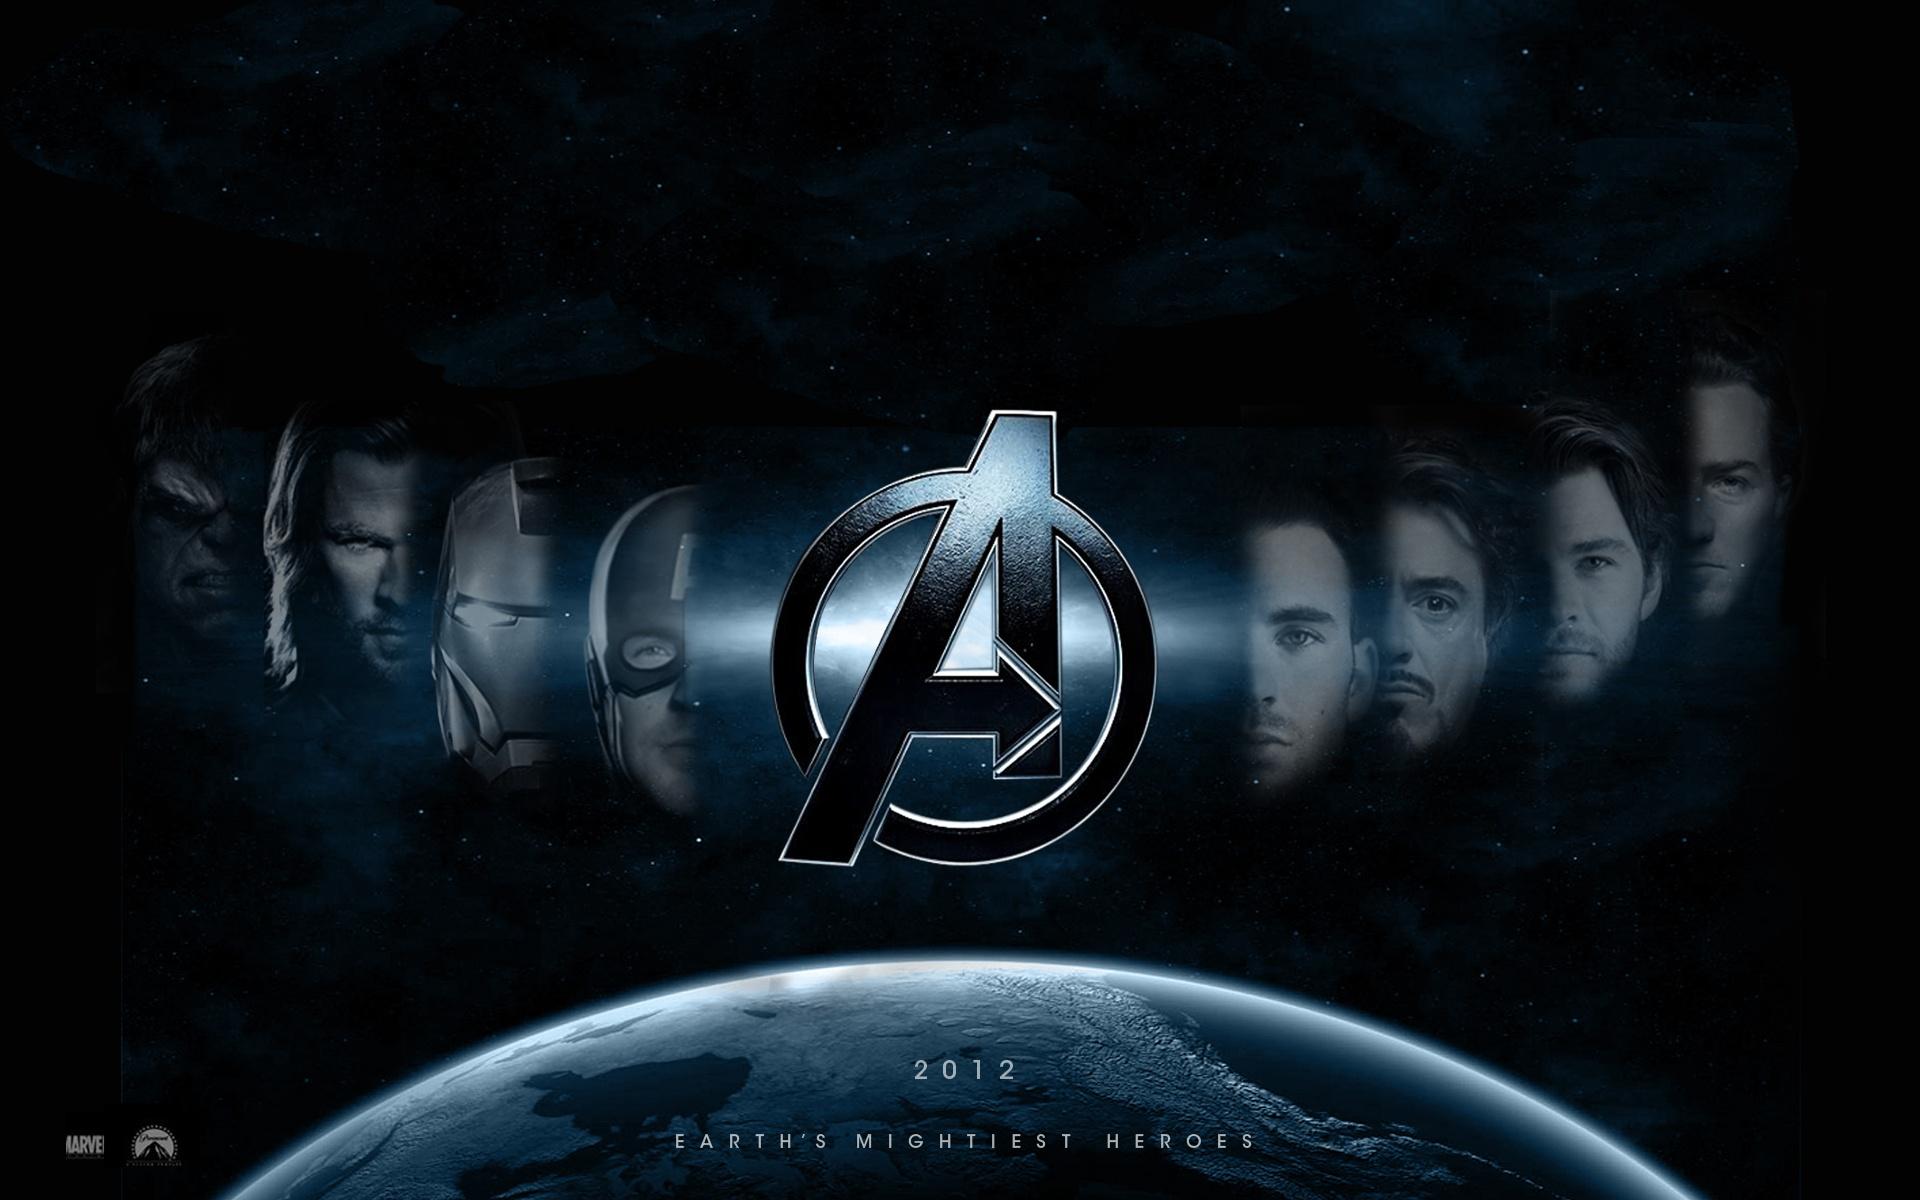 The Avengers wallpaper 5